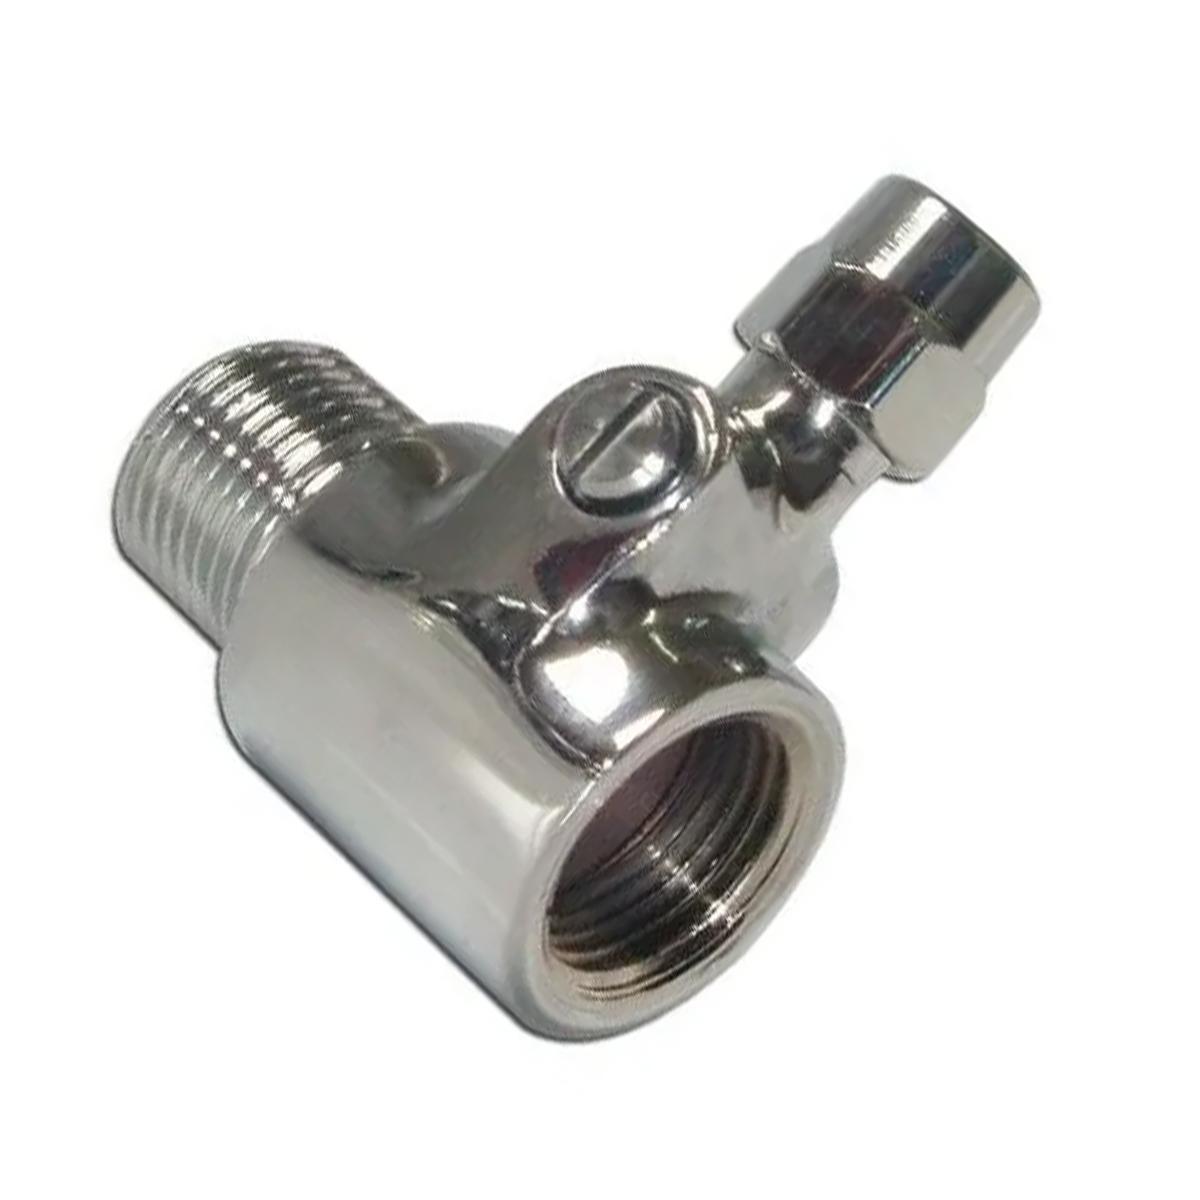 Adaptador Bucha T 1/2x1/2 com registro Mangueira de 9,5mm